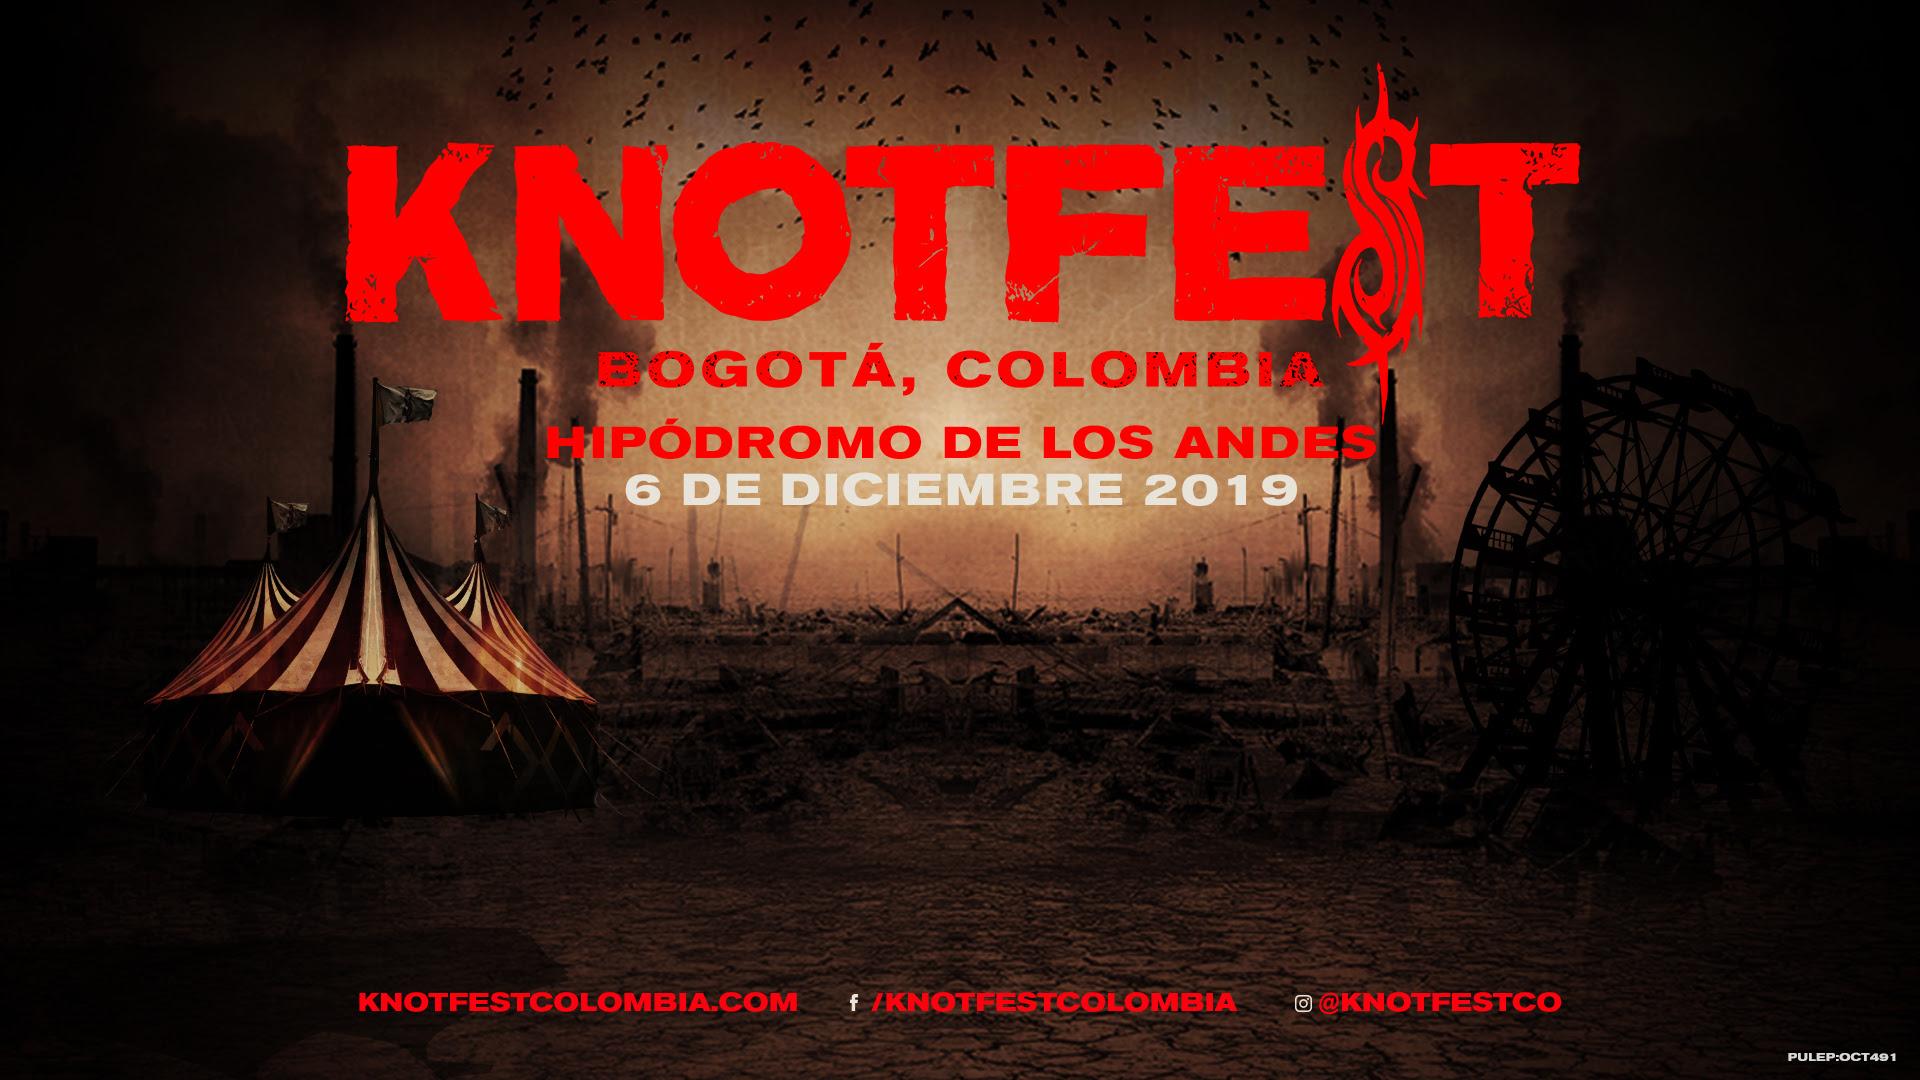 Knotfest Colombia - 6 de diciembre de 2019